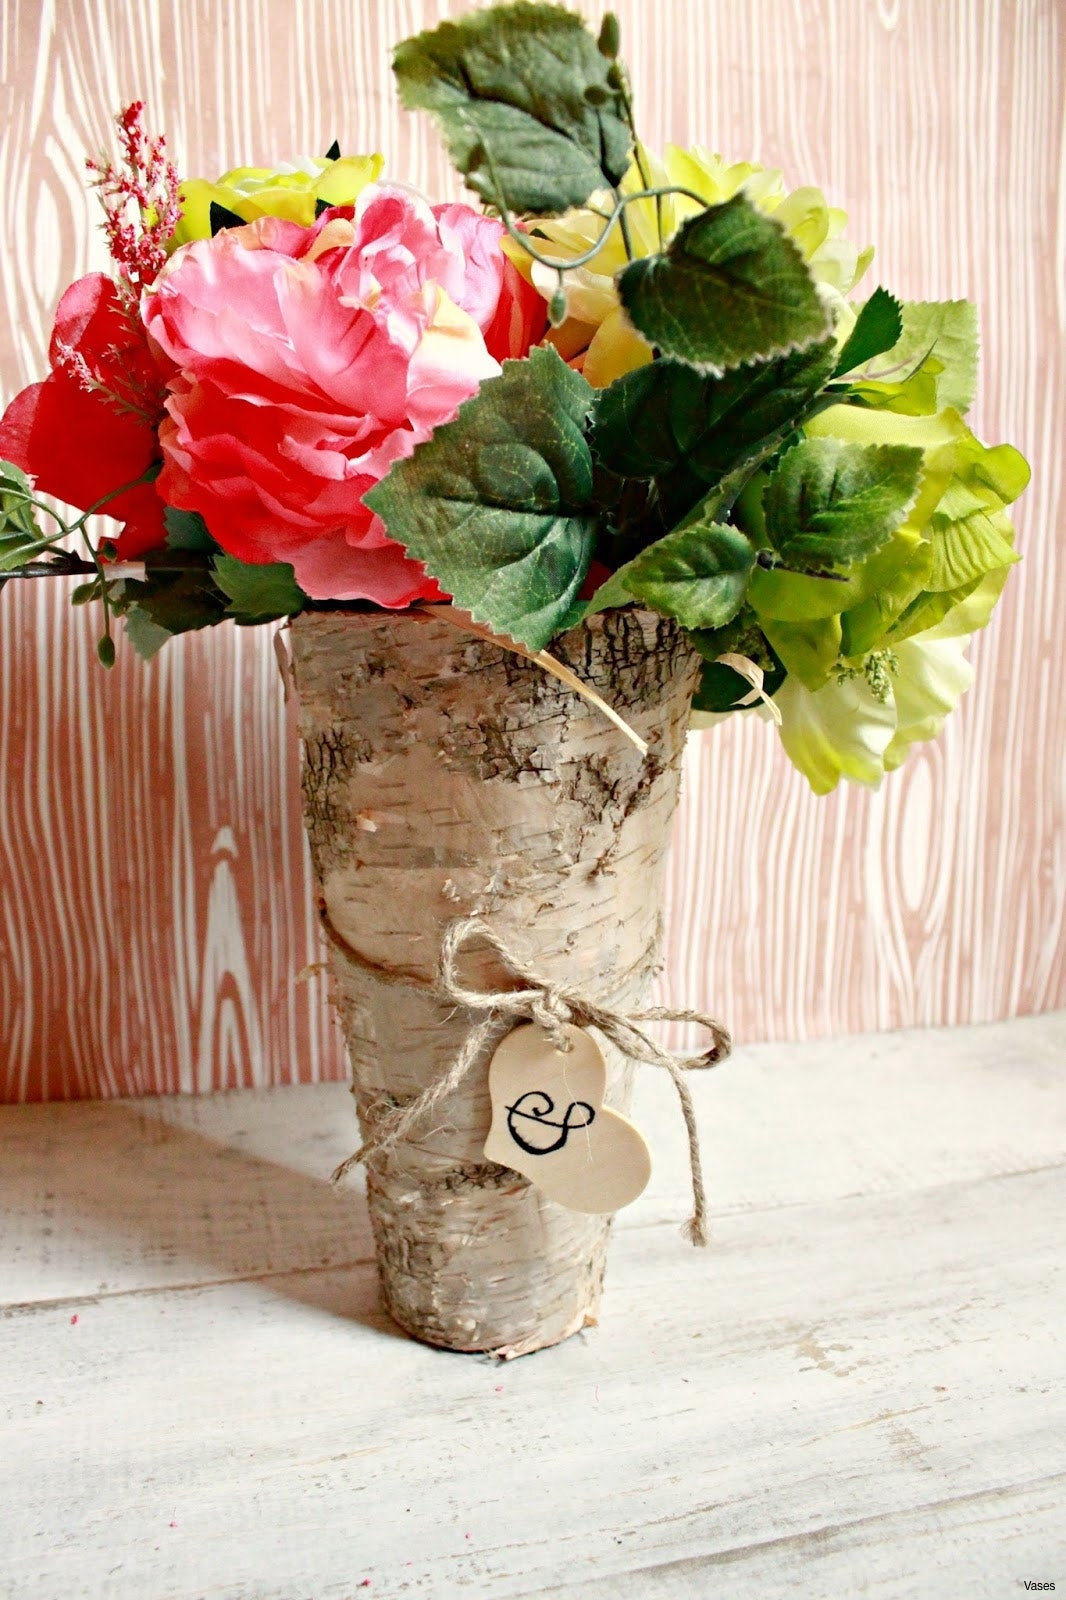 16 Ideal Pink Glass Bud Vase 2021 free download pink glass bud vase of mini glass vase pics bf142 11km 1200x1200h vases pink flower vase i inside mini glass vase image elegant flower arrangements diy h vases diy wood vase i 0d base